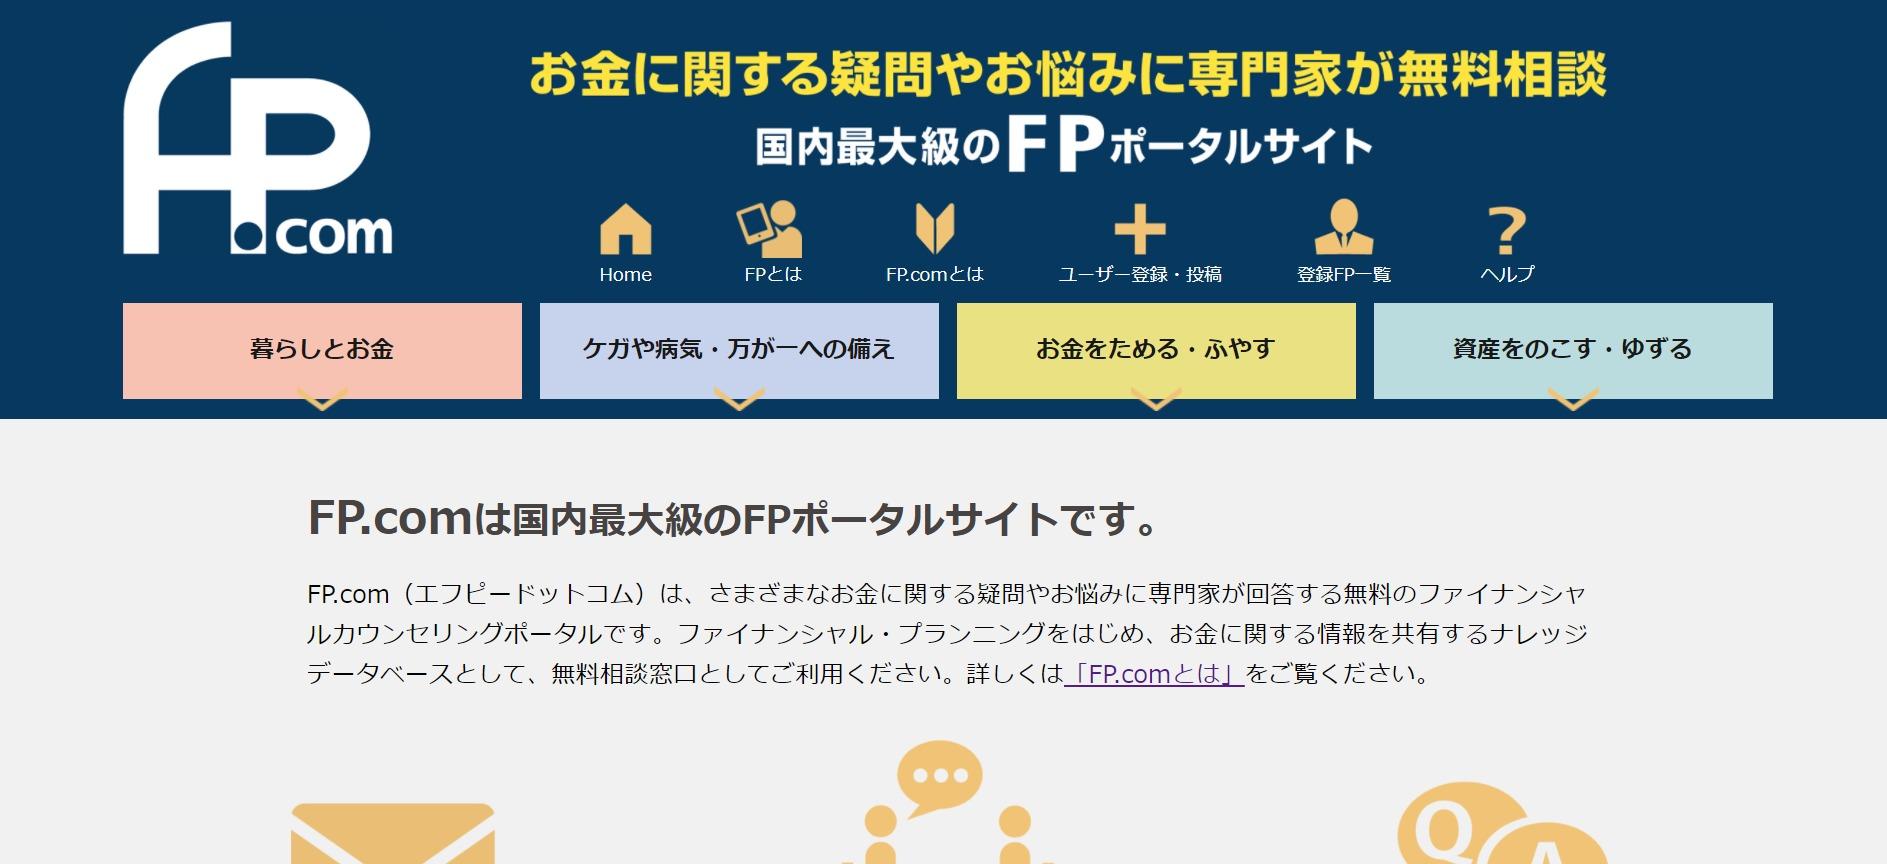 FP.com(エフピードットコム)